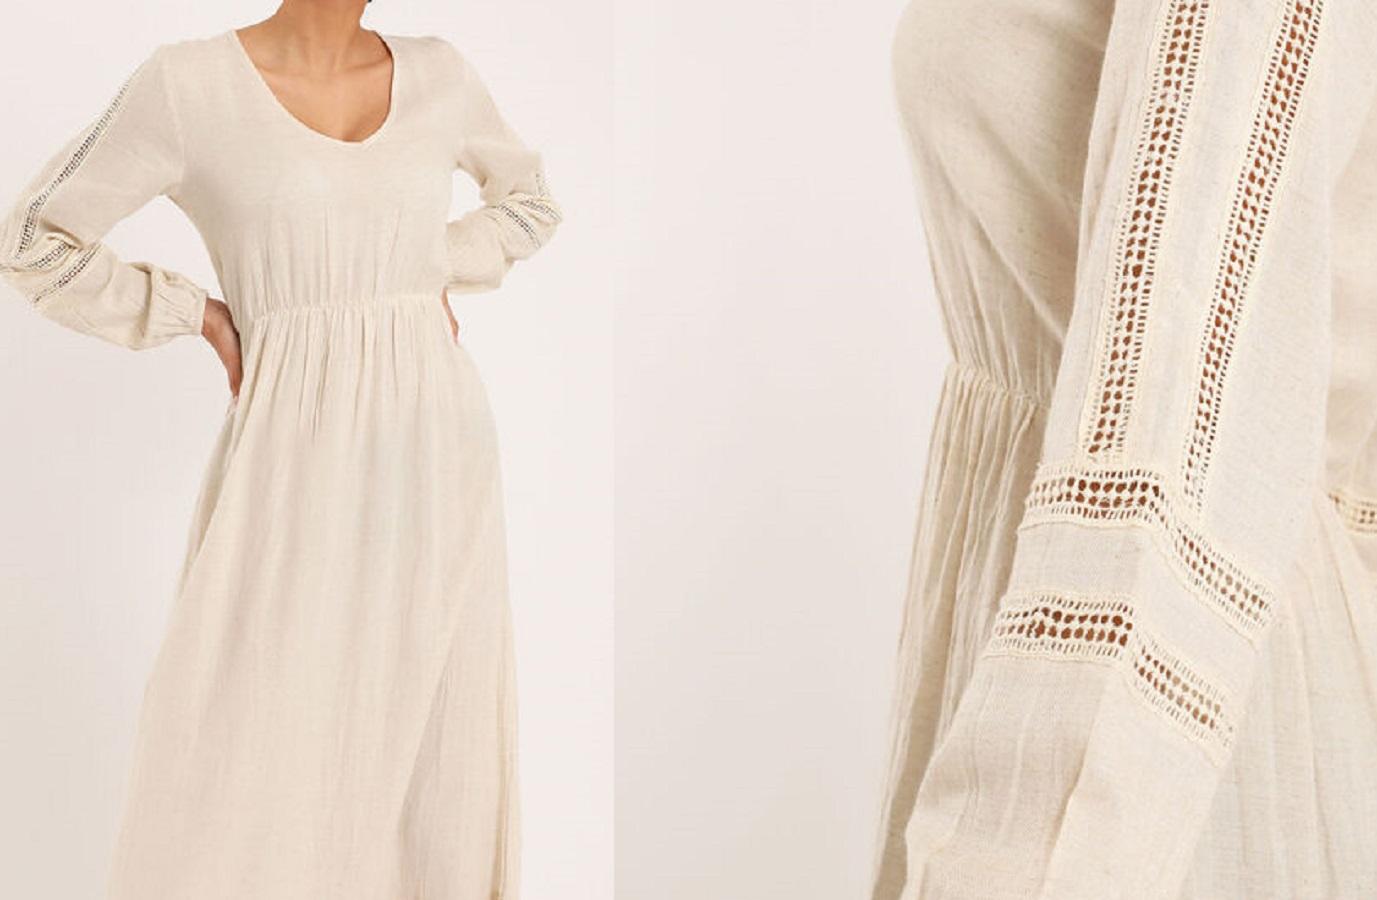 L'abito Pimkie da 35,99 euro perfetto per un look hippie chic